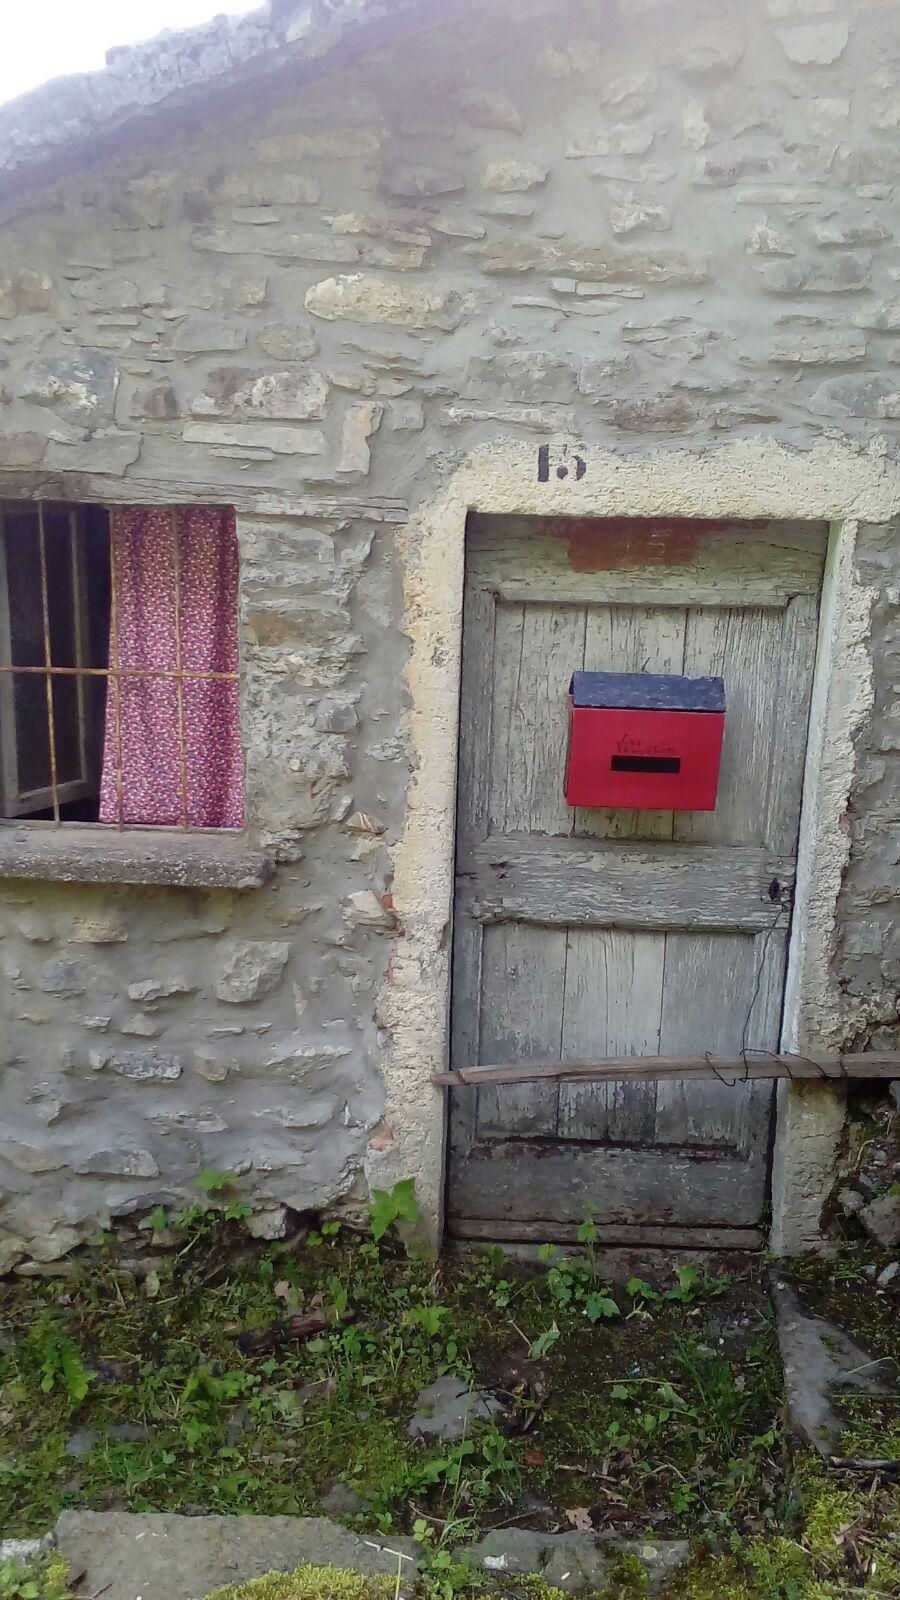 Lisore di Cerignale (PC)  13 maggio  - Giornata della Lumaca - I NOSTRI SRAVEIGHI